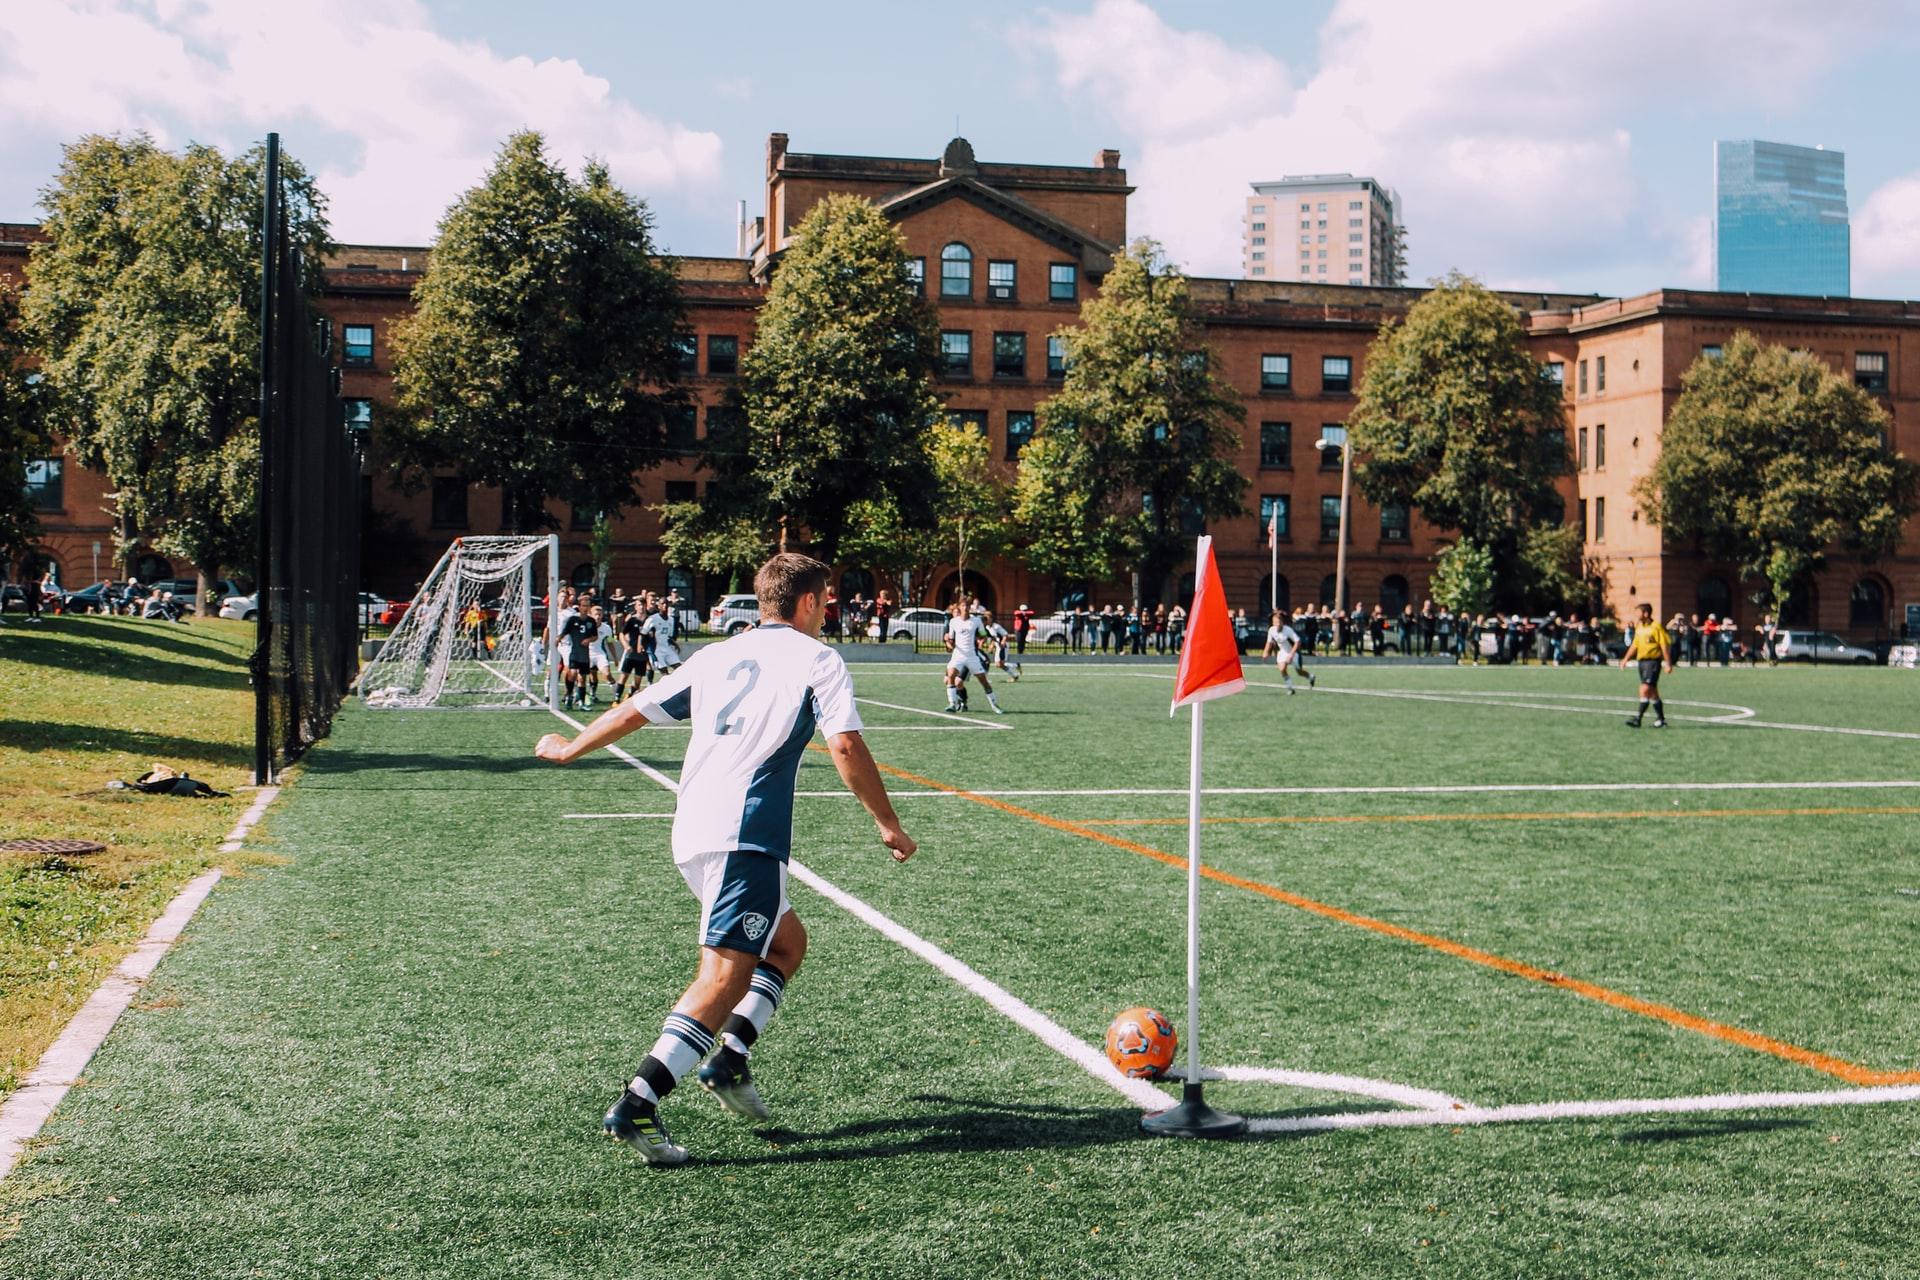 Foto mostra o jogador em direção a bater o escanteio em um campo de grama sintética.